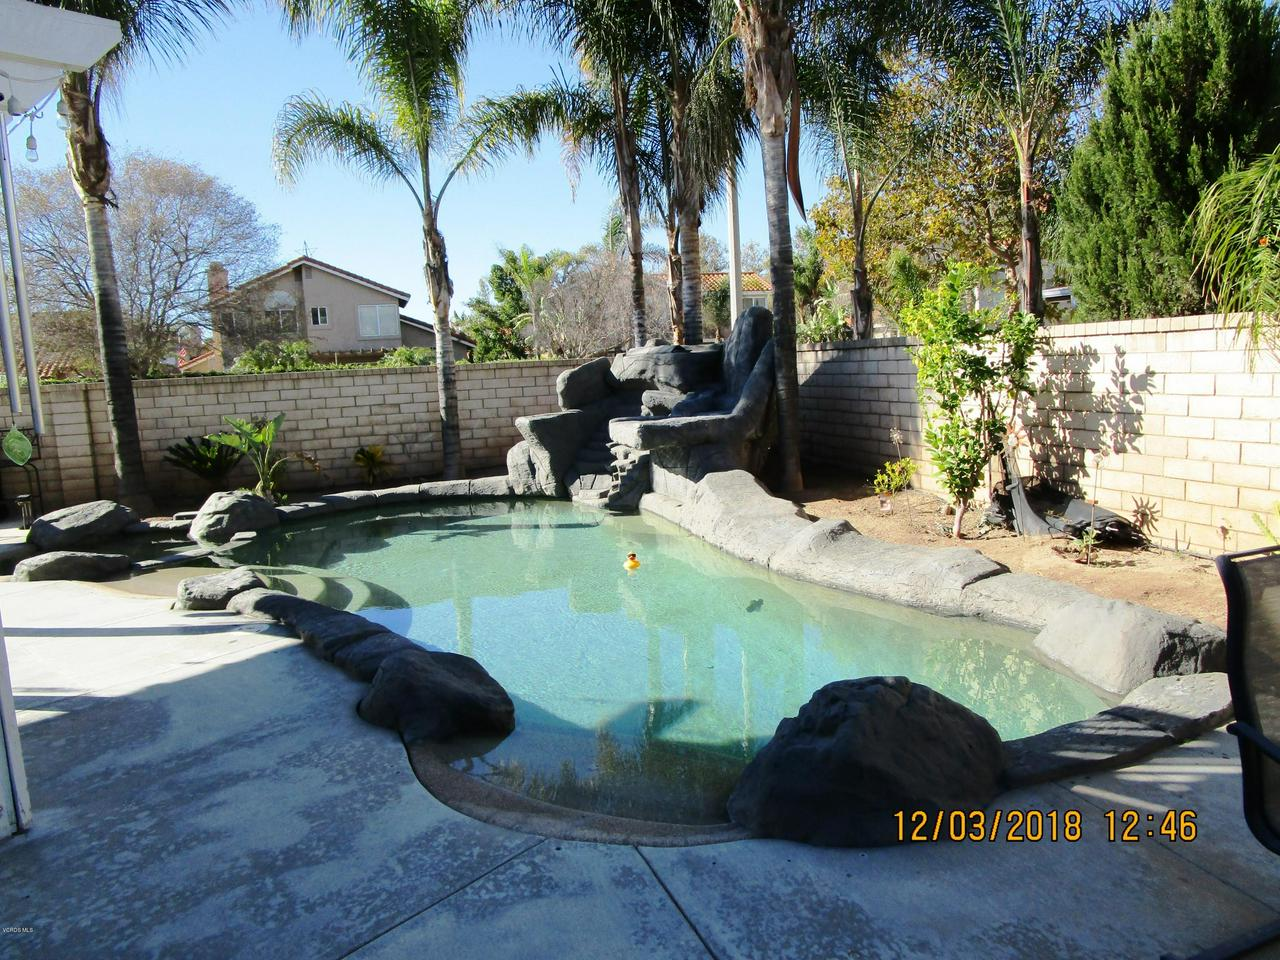 1063 MEADOWLARK, Fillmore, CA 93015 - pool 2